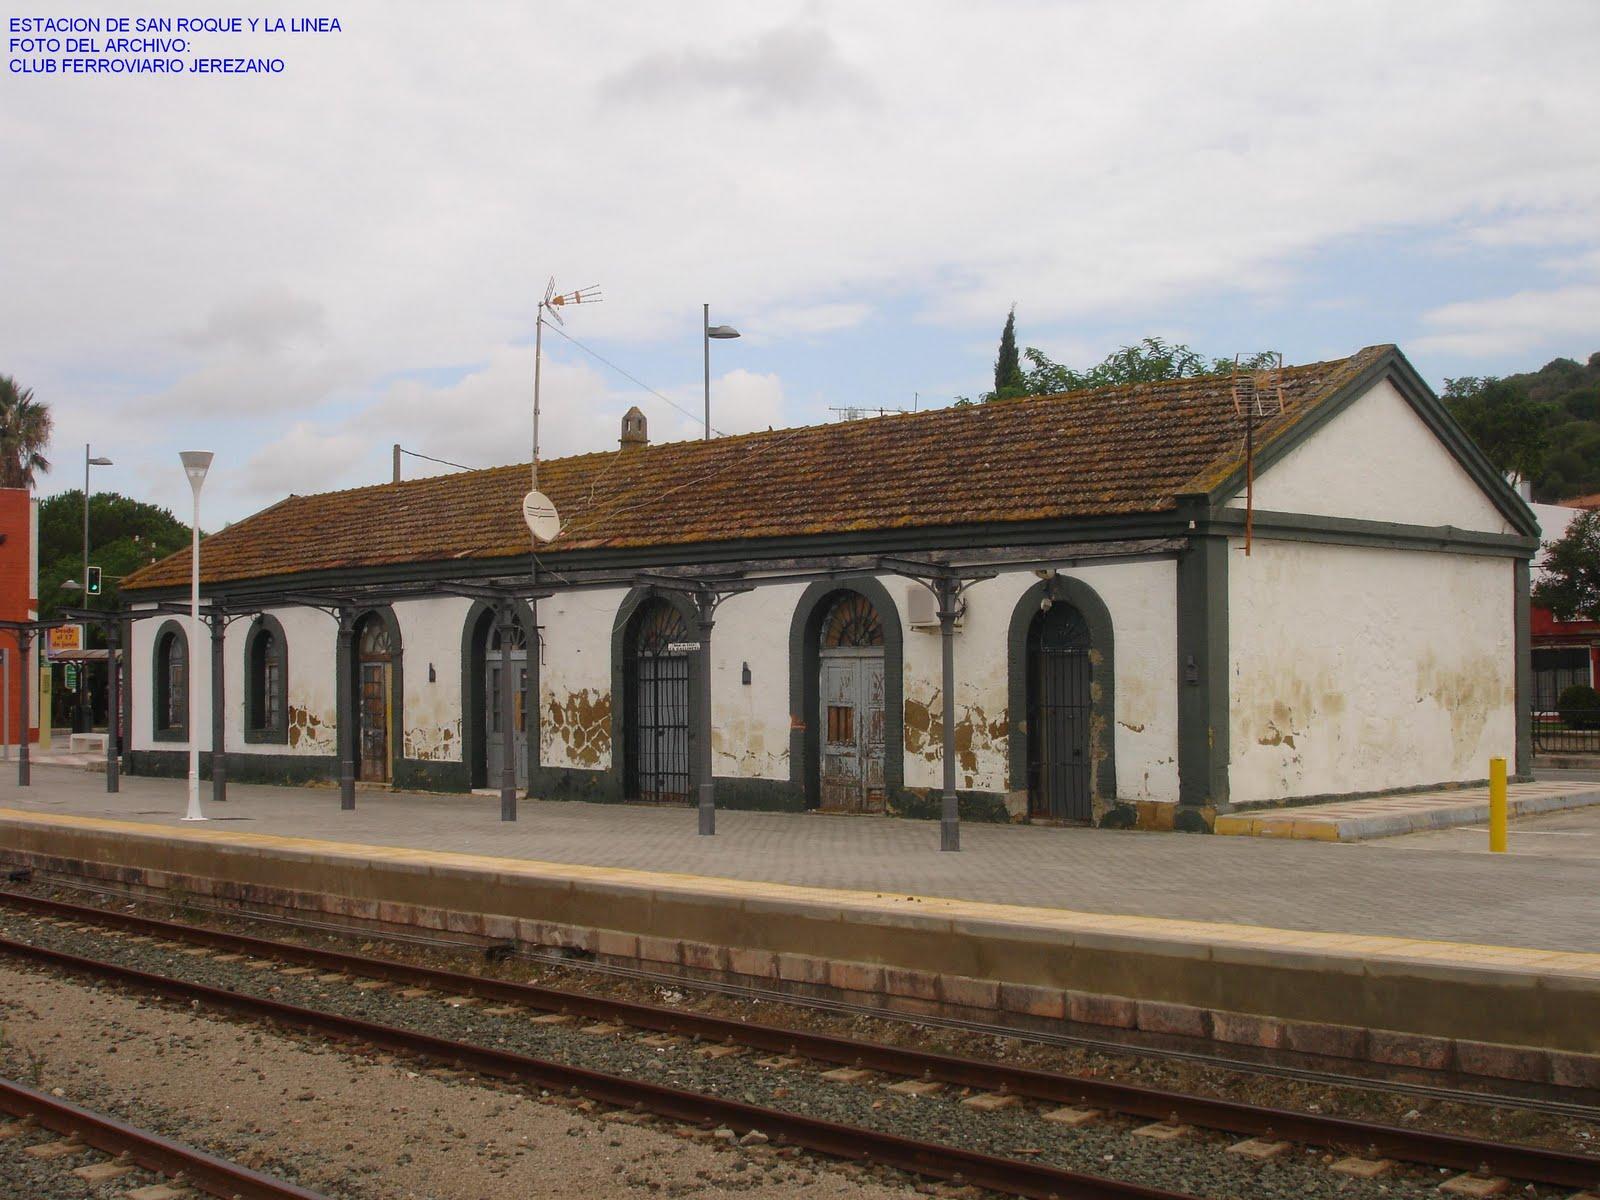 SANROQUE-LA LINEA(ESTACION)